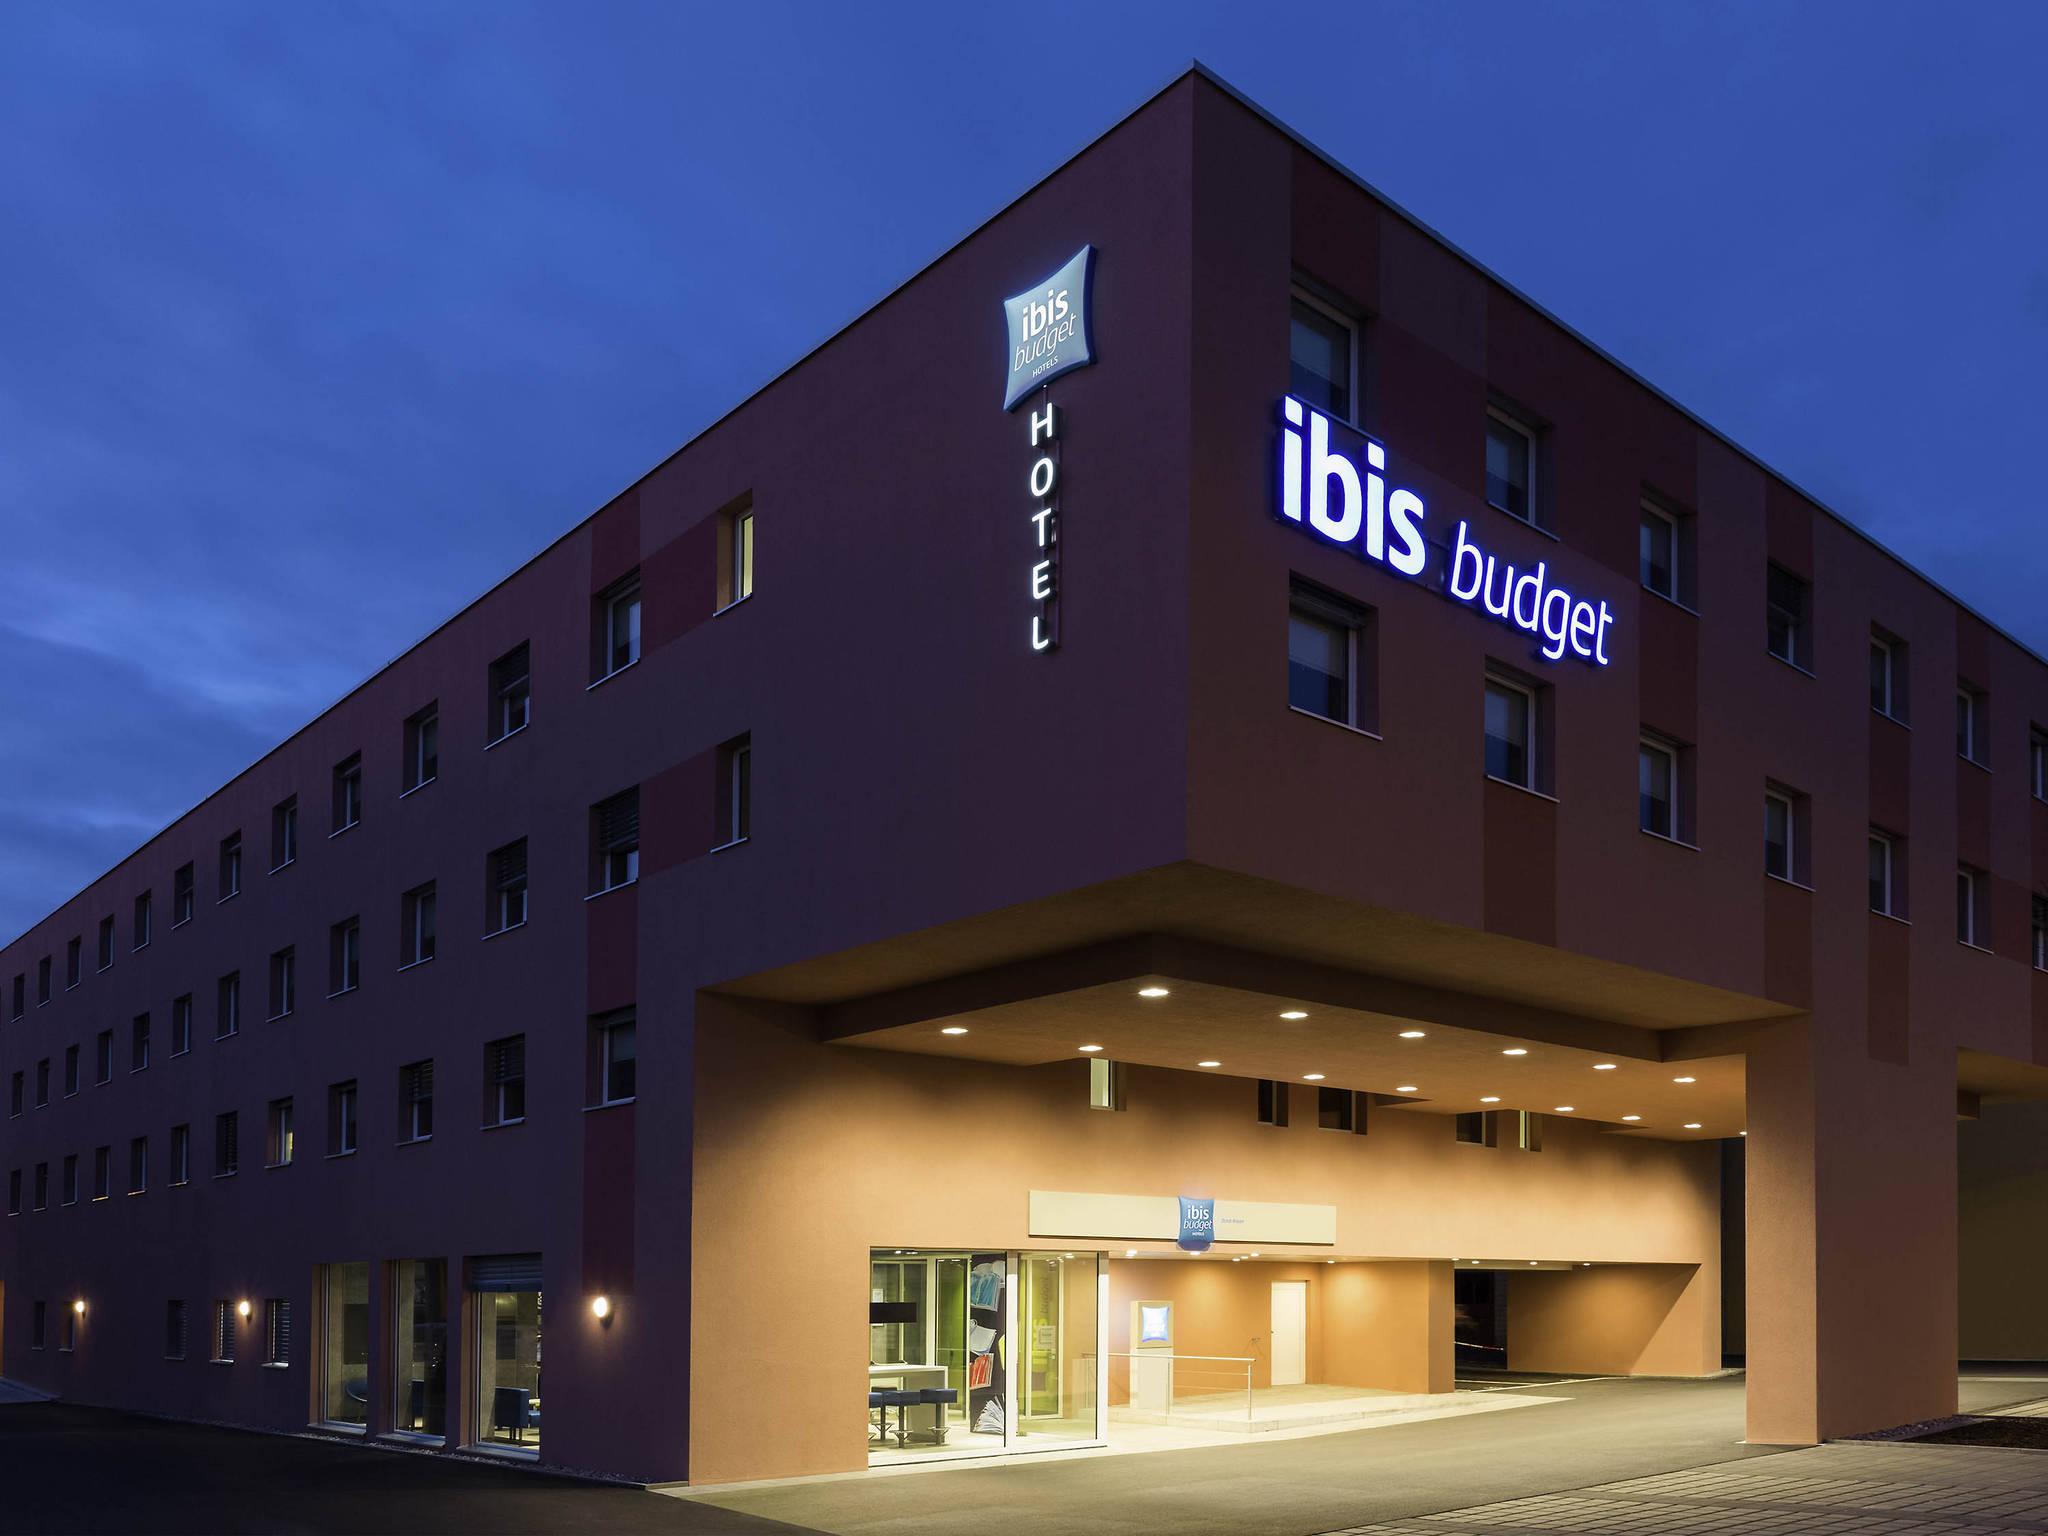 Hotel In Glattbrugg Ibis Budget Zurich Airport